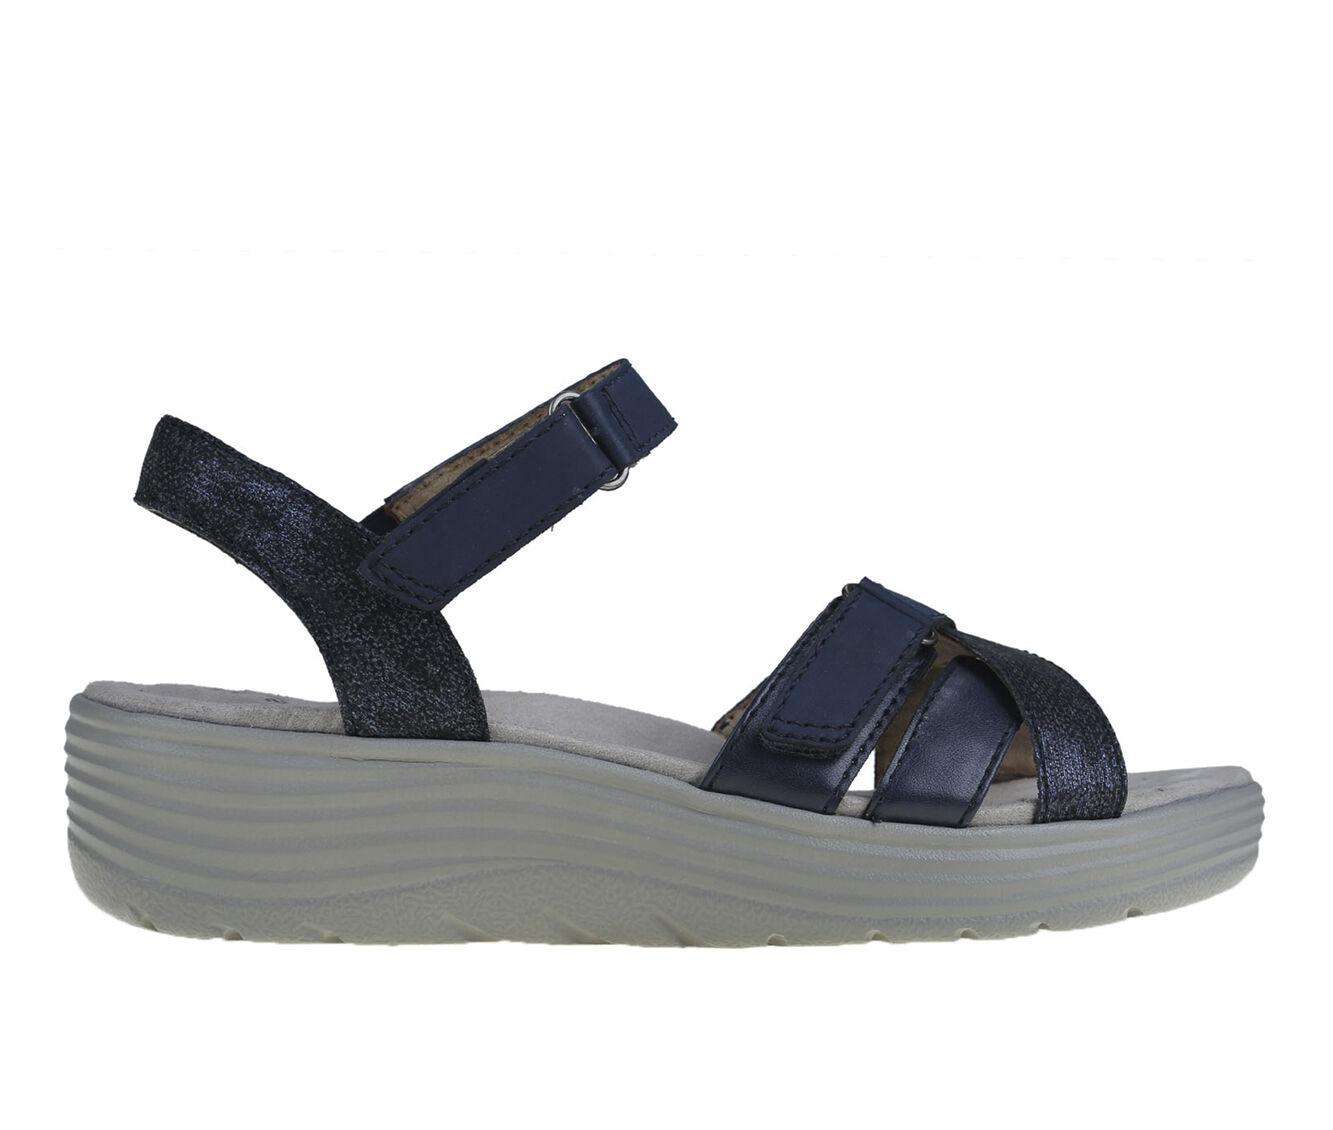 shop cheap new Women's Earth Origins Willow Gillian Sandals Navy Blue